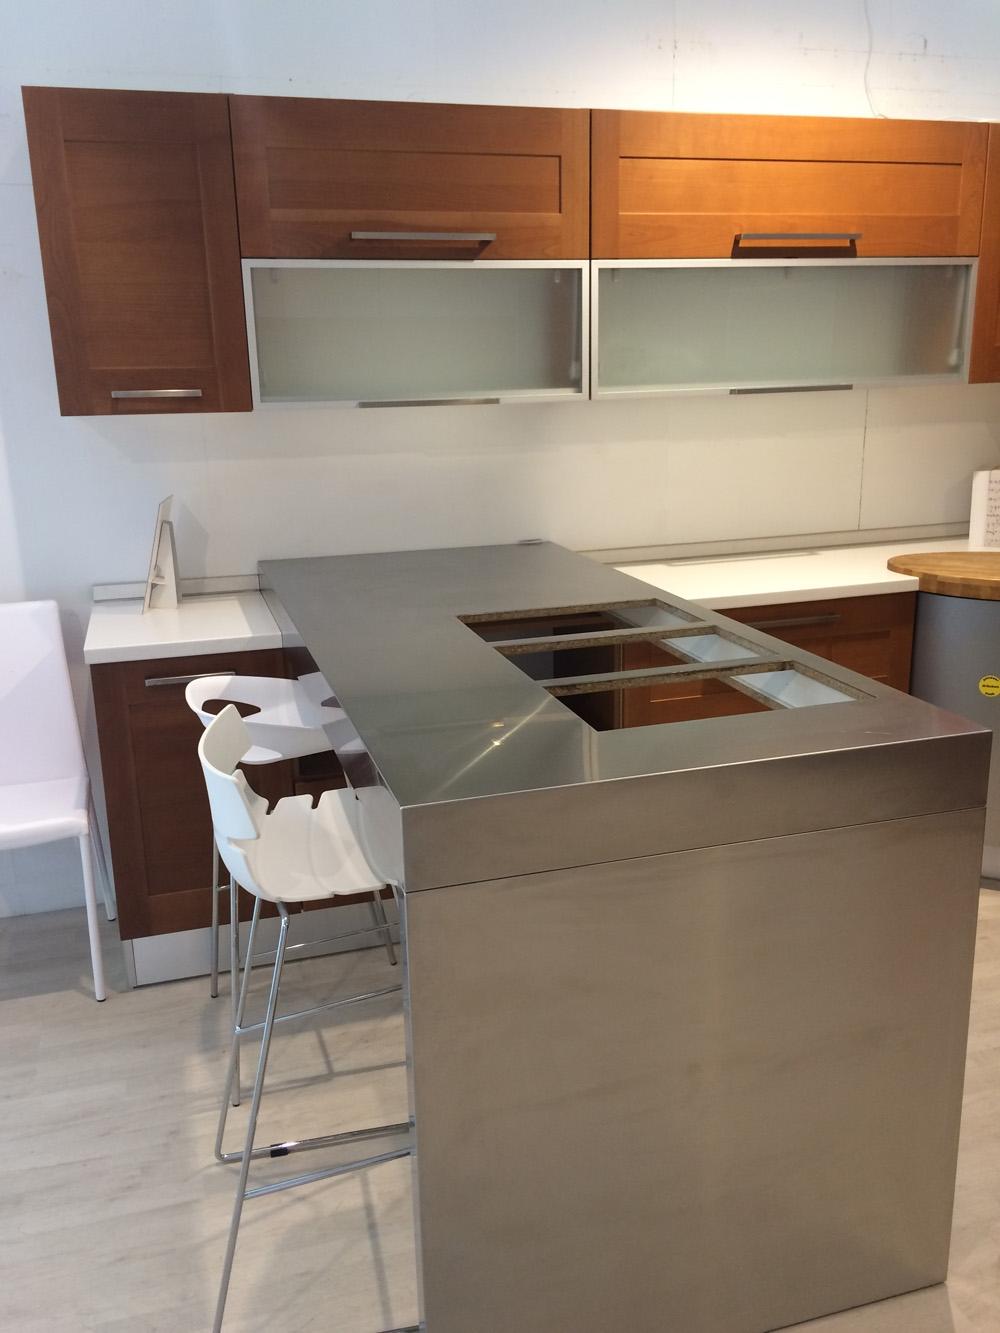 Cucina maior cucine clio moderna legno ciliegio cucine a prezzi scontati - Cucina senza elettrodomestici ...